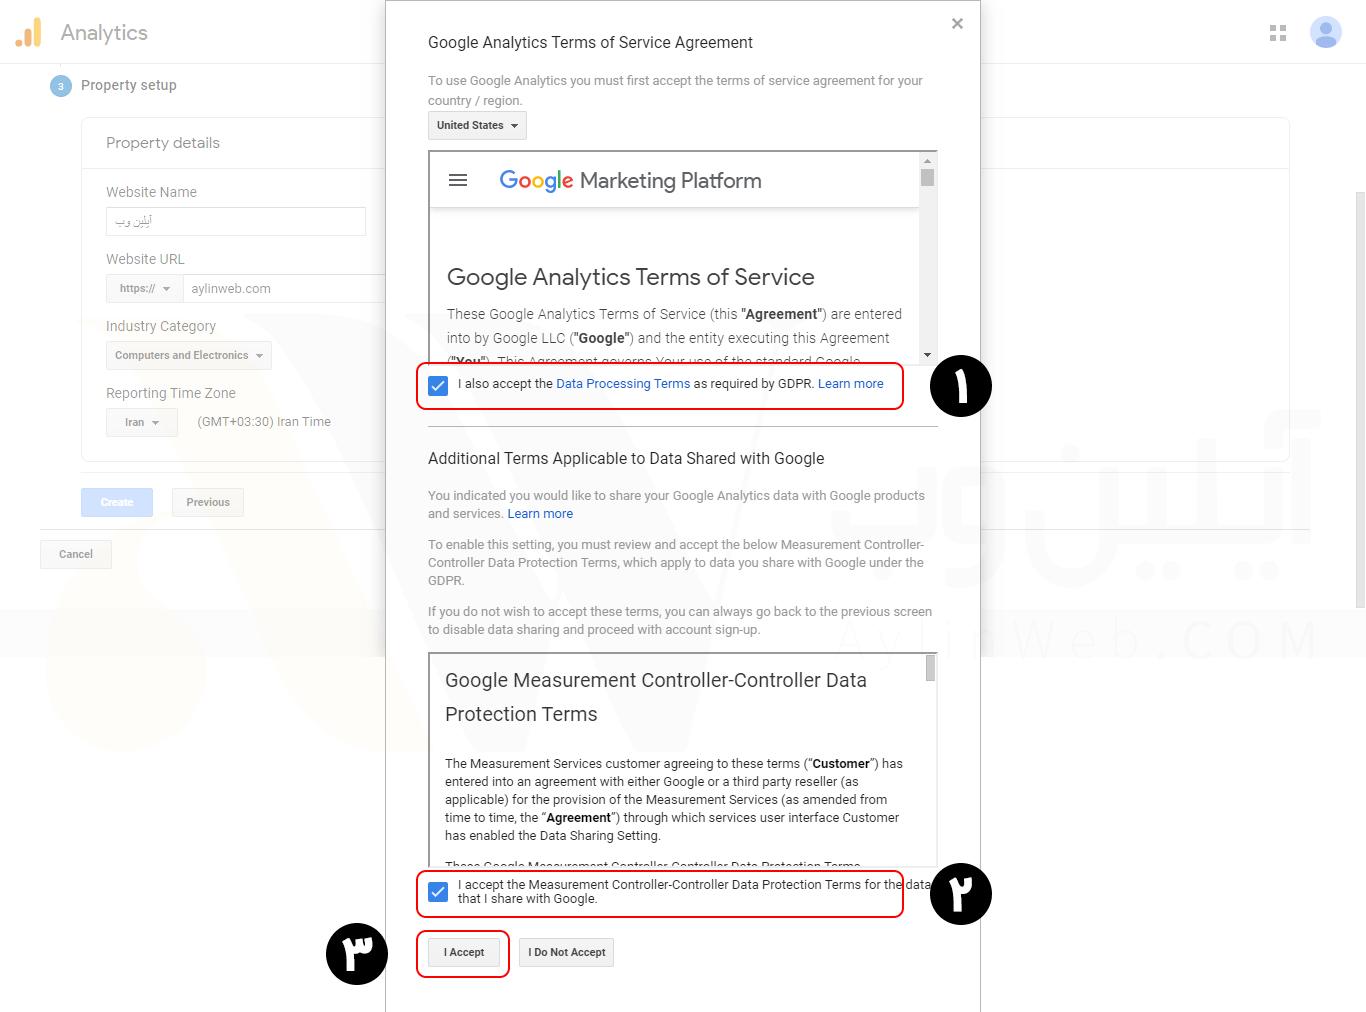 افزودن گوگل آنالیتیکس